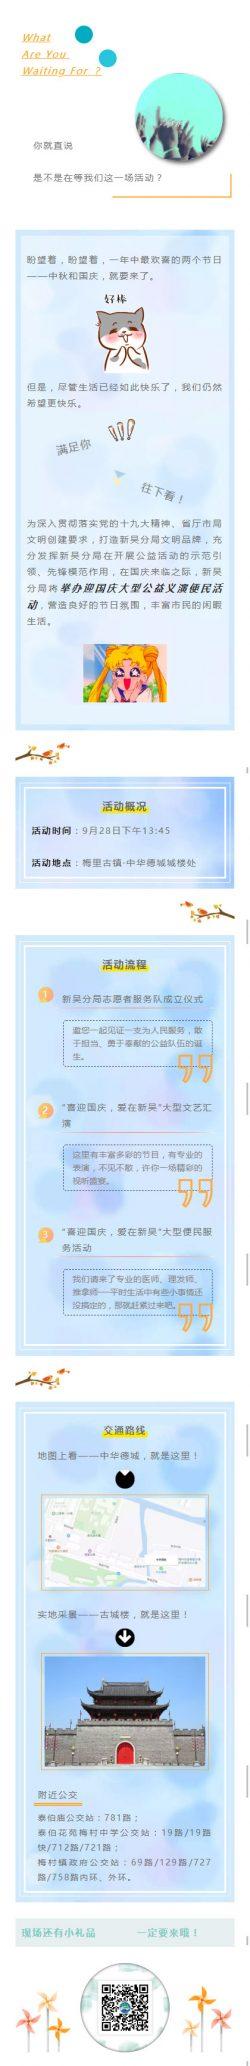 微信活动公众号营销活动素材模板